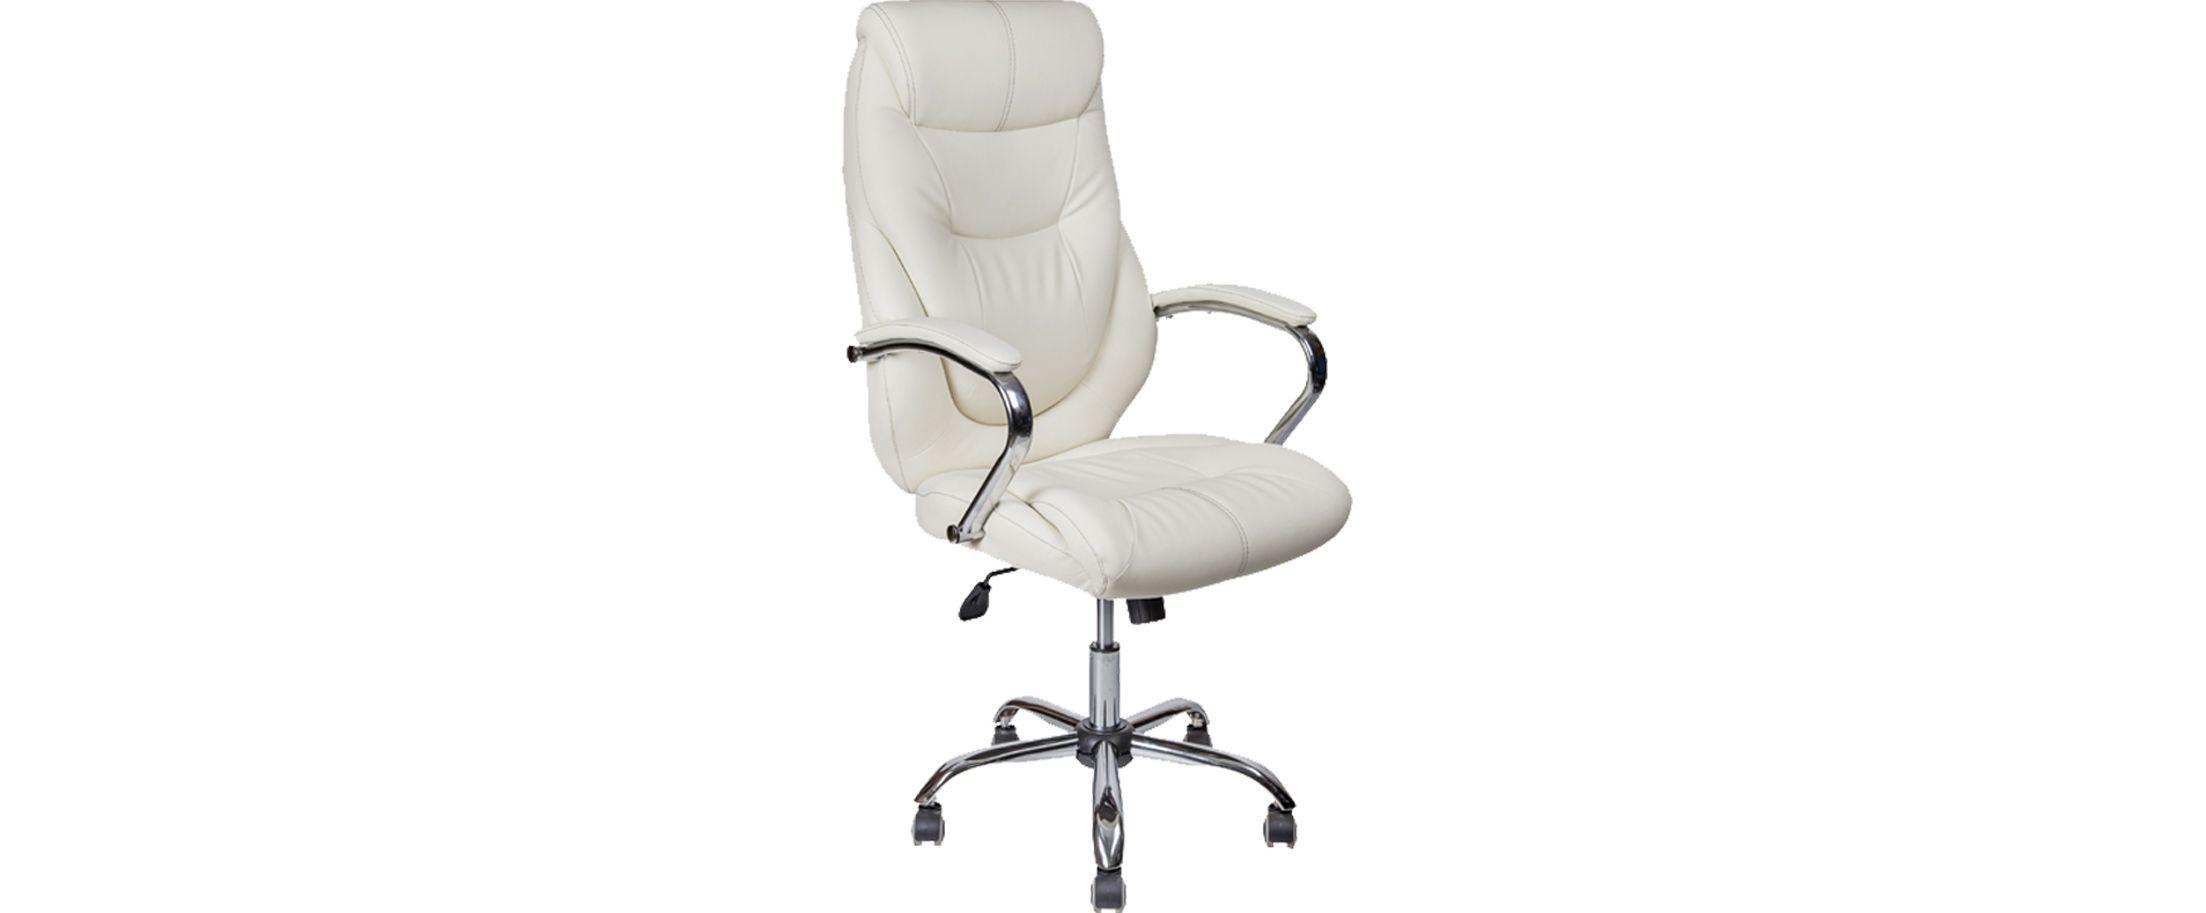 Кресло офисное AV 116 из экокожи цвет белый Модель 999 от MOON TRADE